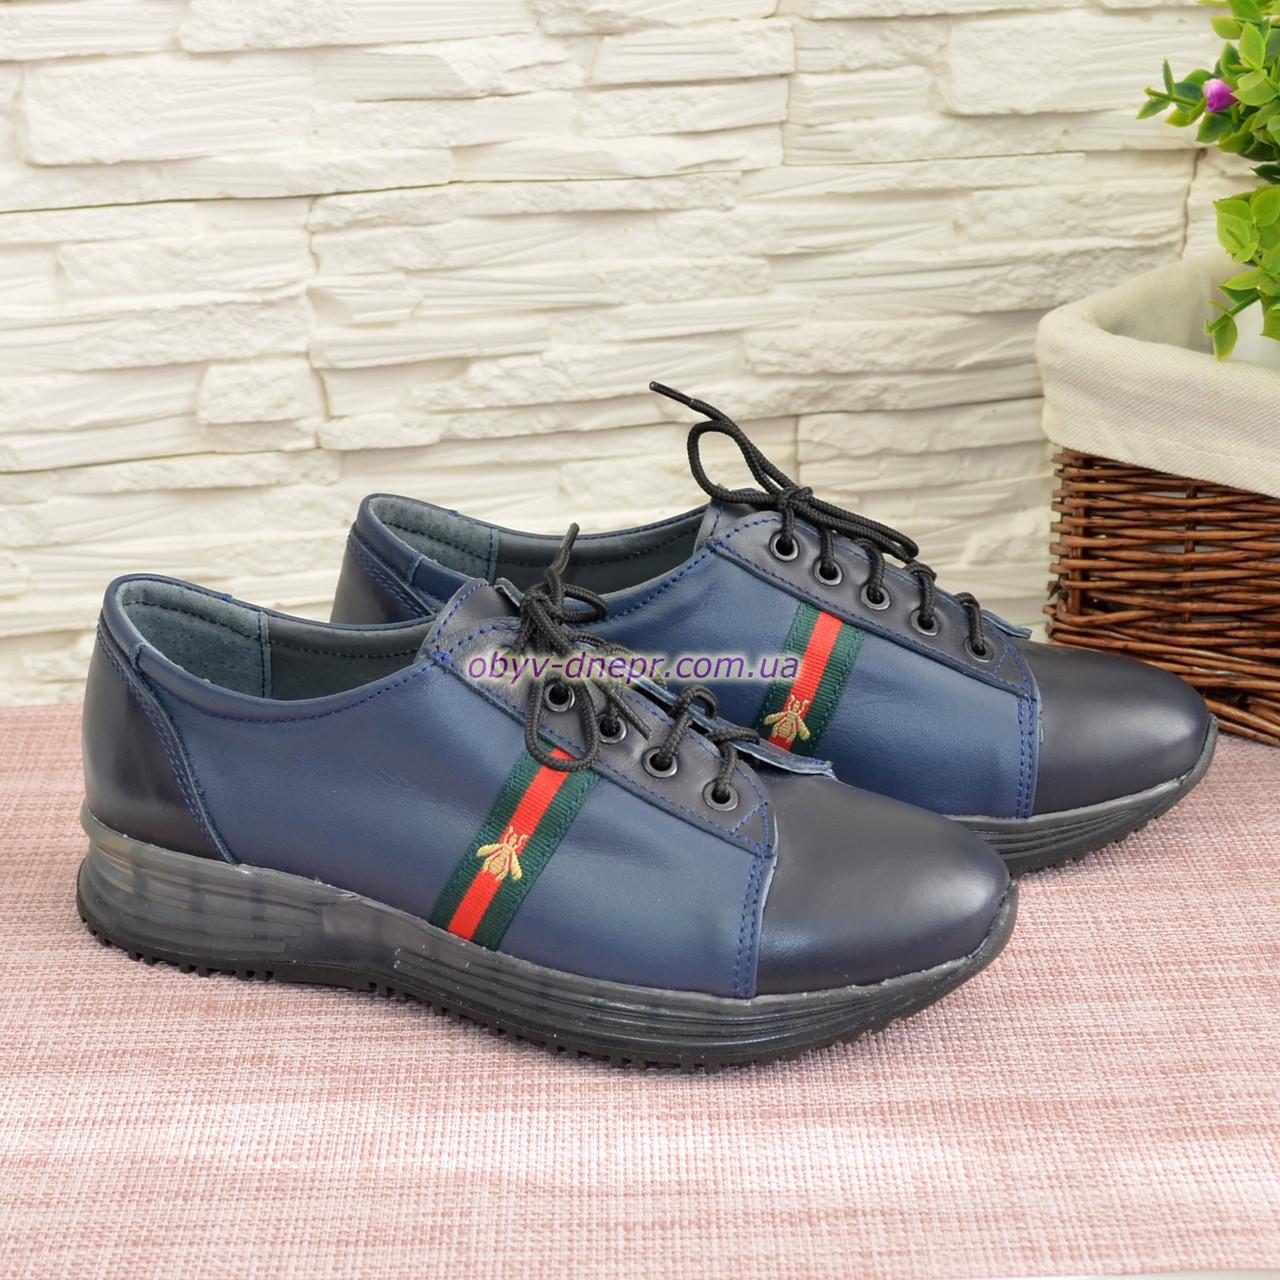 Стильные женские кроссовки на шнуровке, из натуральной кожи синего цвета